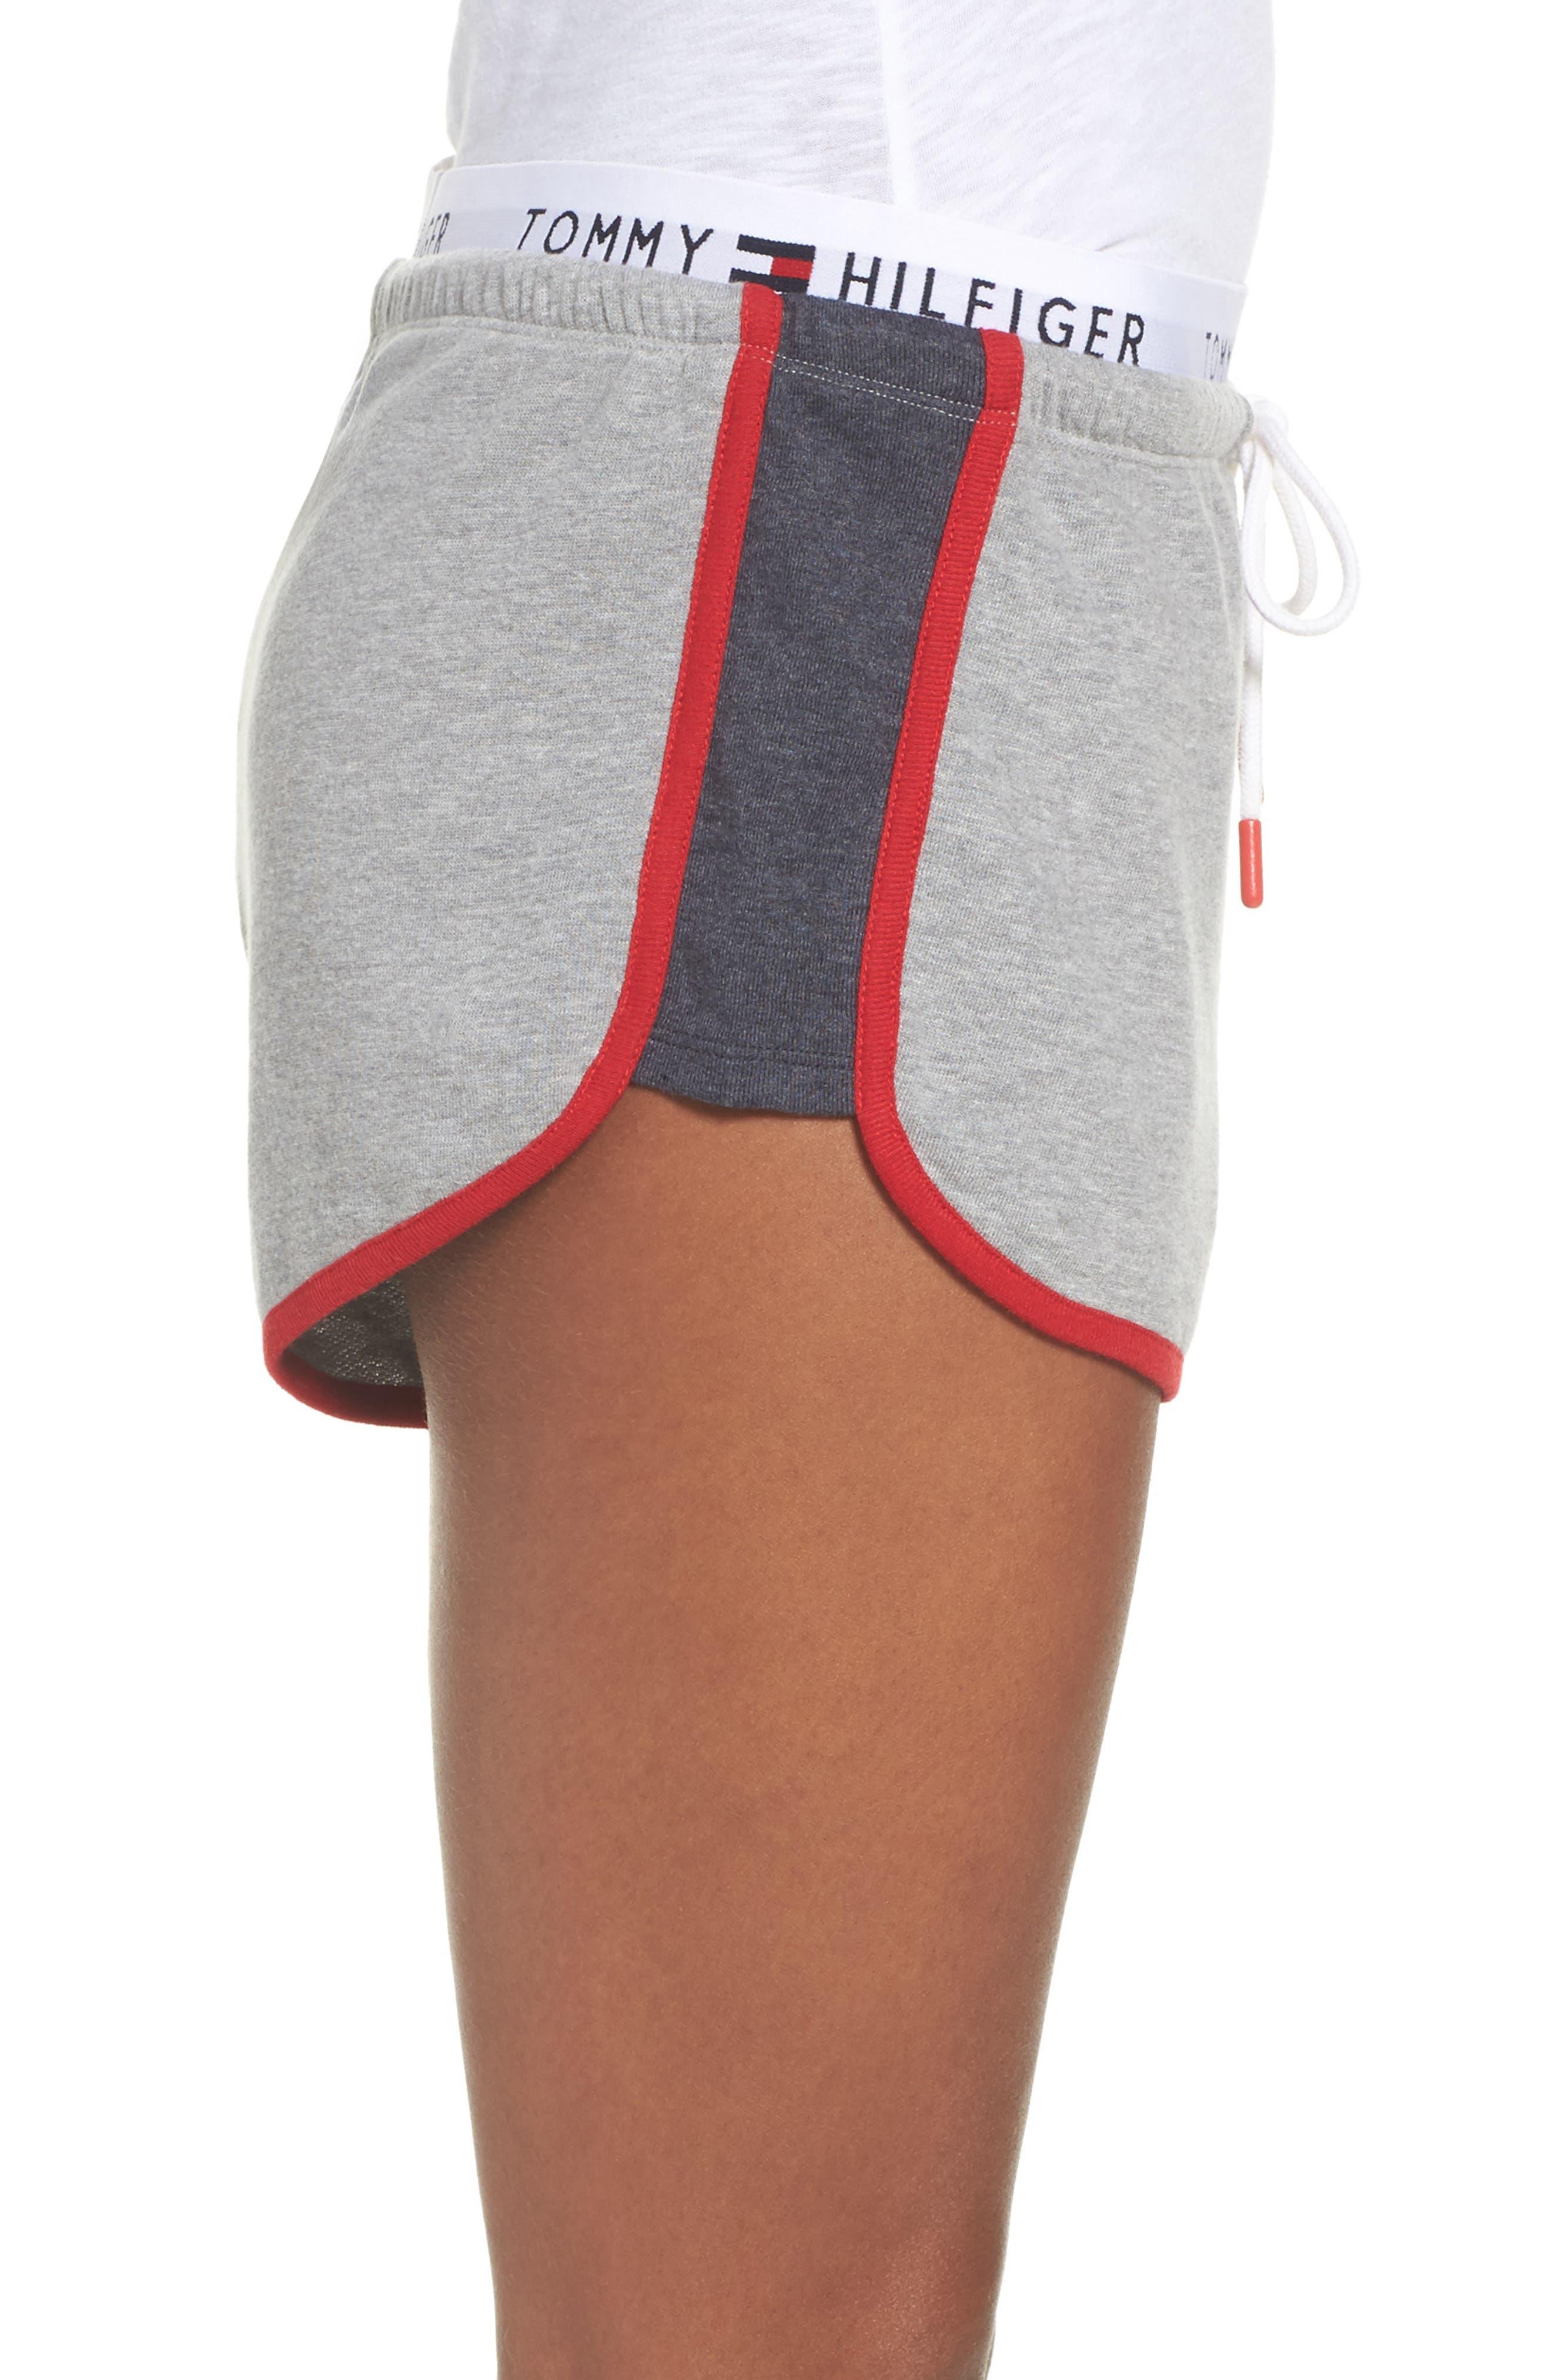 TH Retro Shorts,                             Alternate thumbnail 3, color,                             020